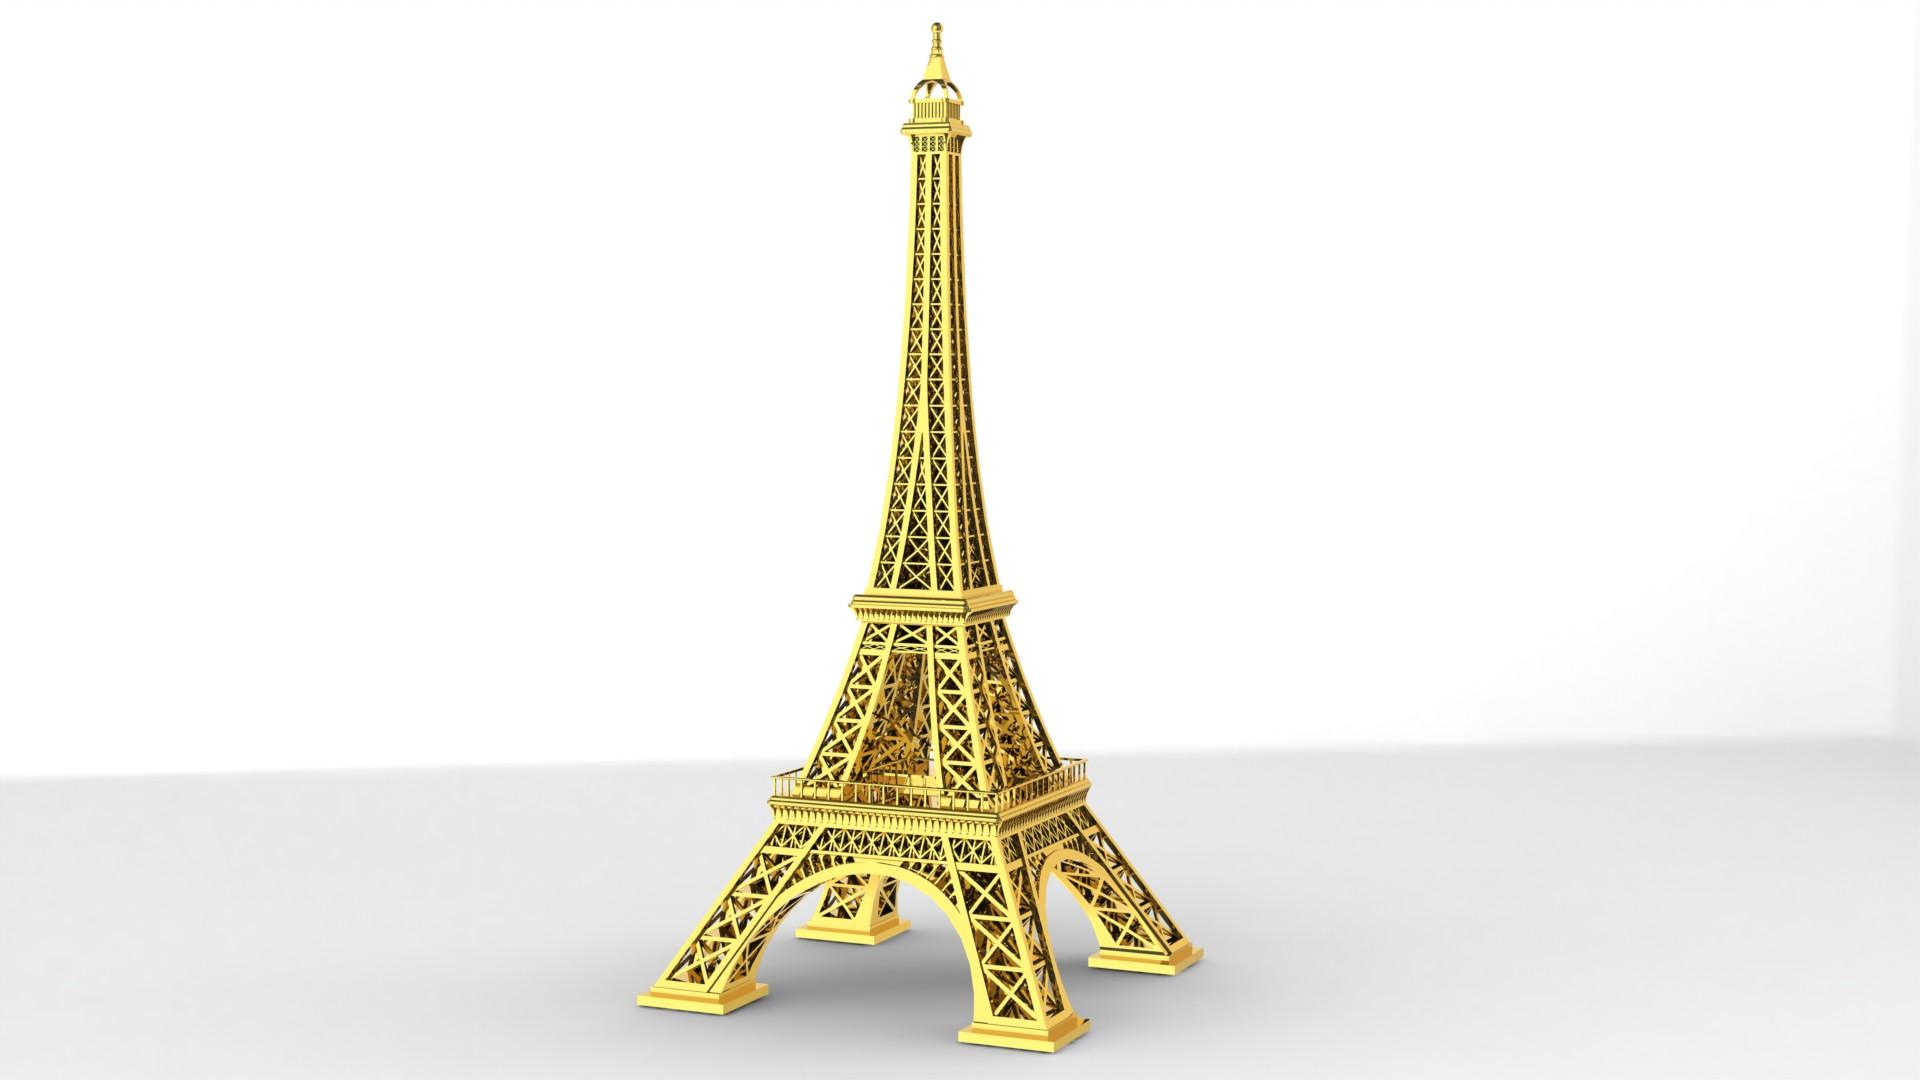 用SolidWorks设计埃菲尔铁塔